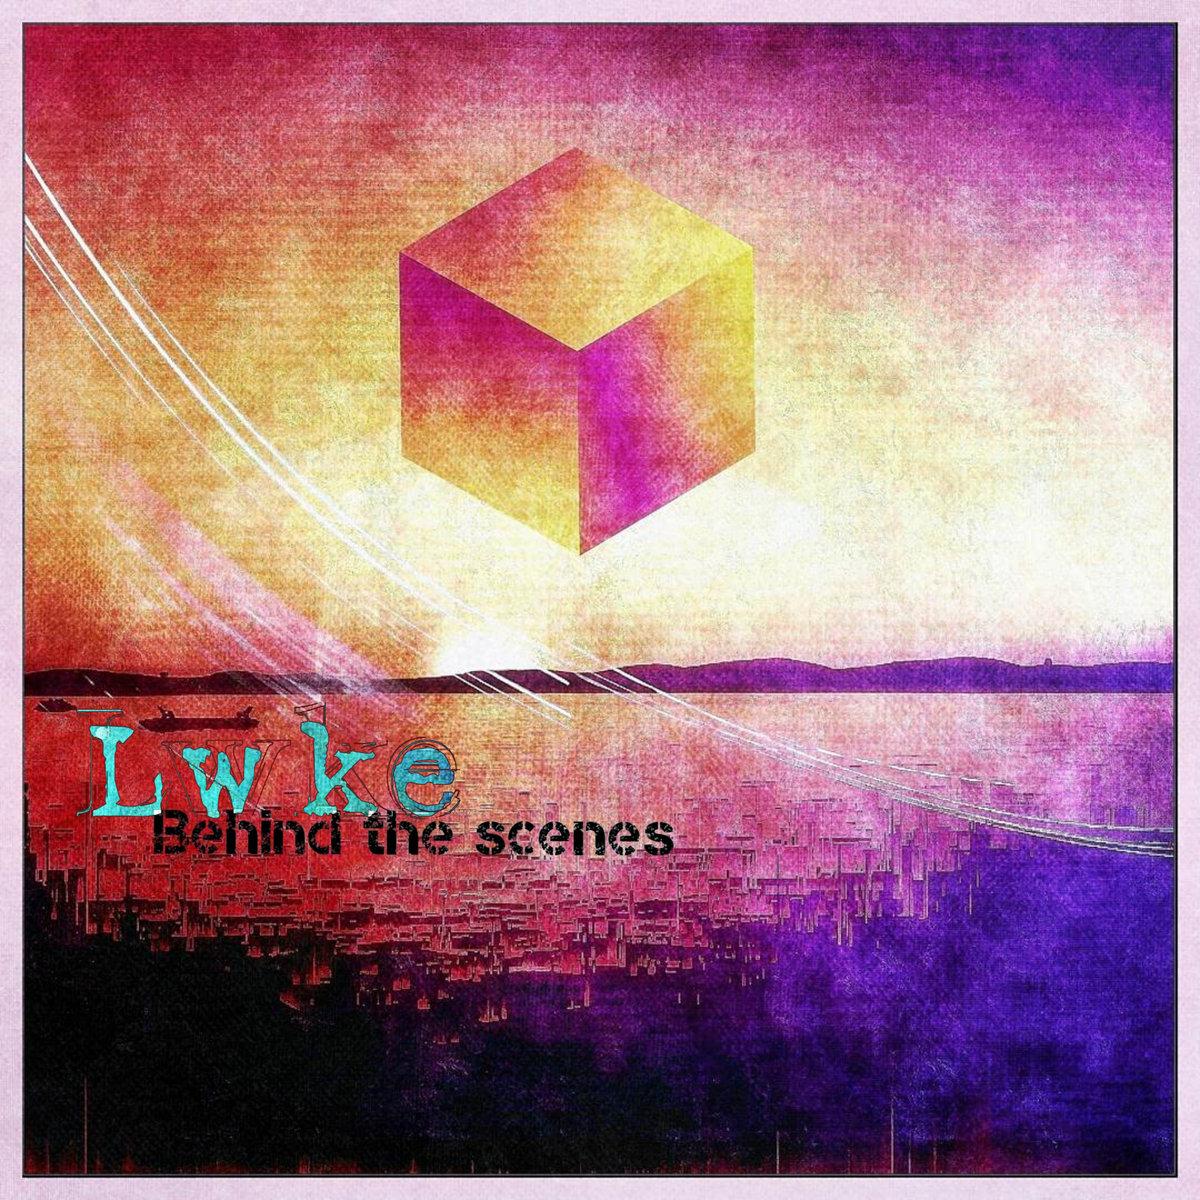 Lwke - Behind the Scenes